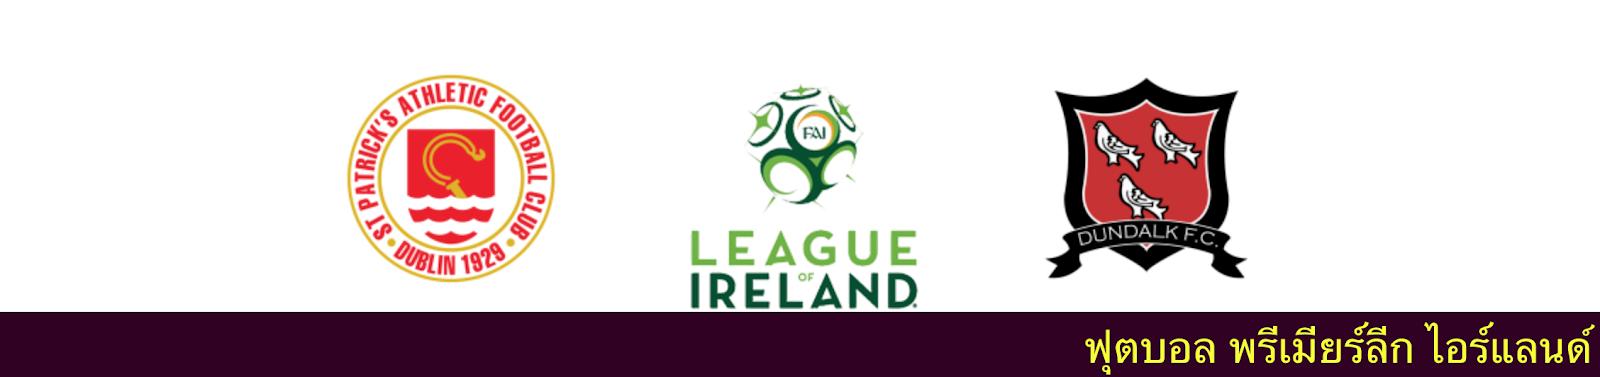 ดูบอลสด วิเคราะห์บอล ไอร์แลนด์ พรีเมียร์ลีก เซนต์ แพทริค vs ดันดอล์ค